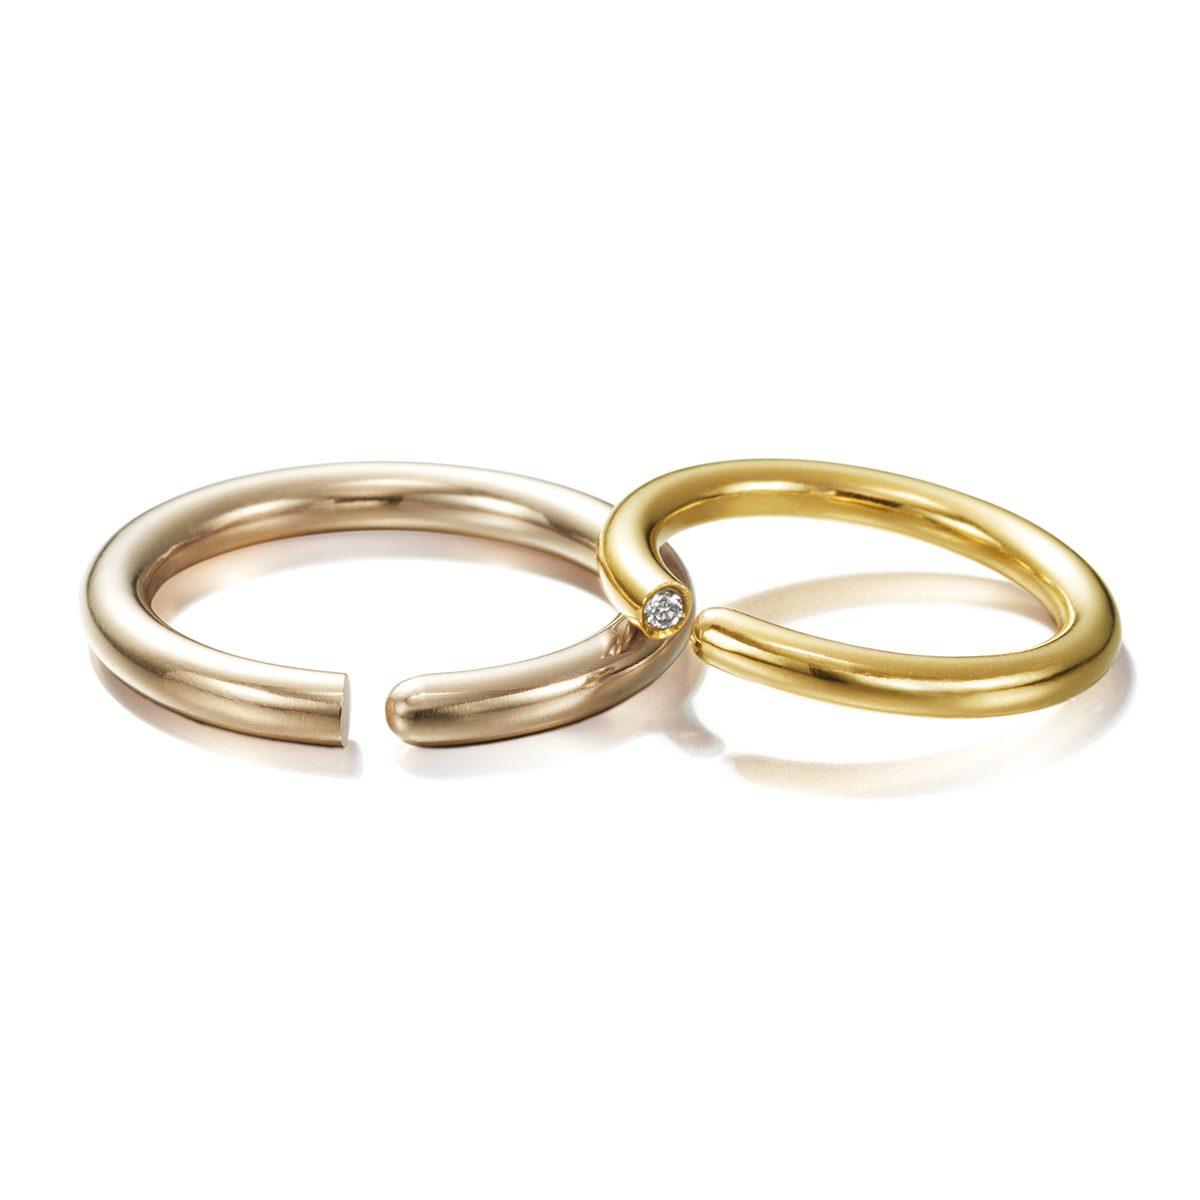 LIA DI GREGORIO - ROUND Marriage Rings